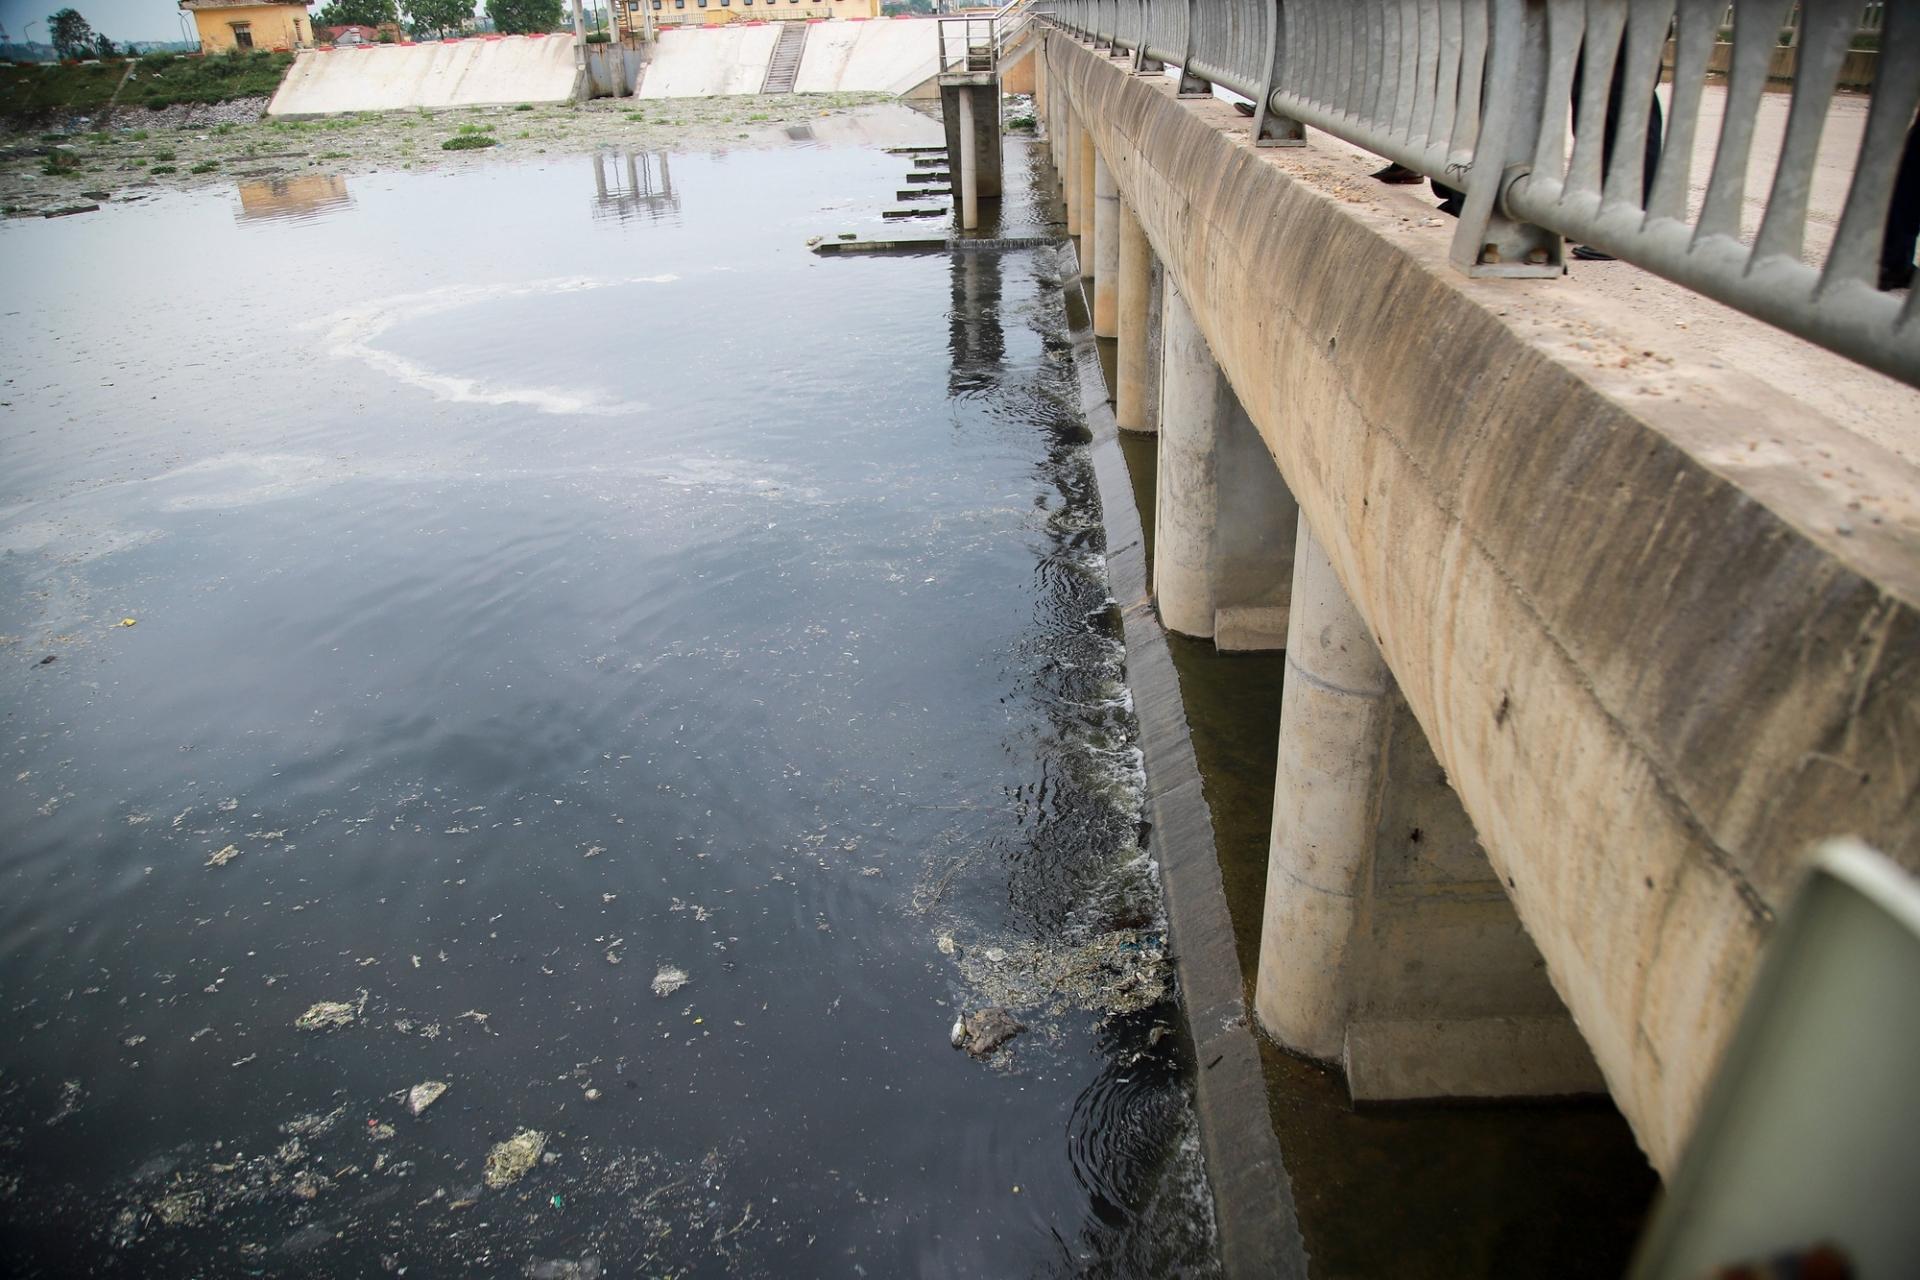 Xử lý ô nhiễm môi trường tại Bắc Ninh: Cơ sở sản xuất chỉ được hoạt động khi không có nước thải ra ngoài môi trường